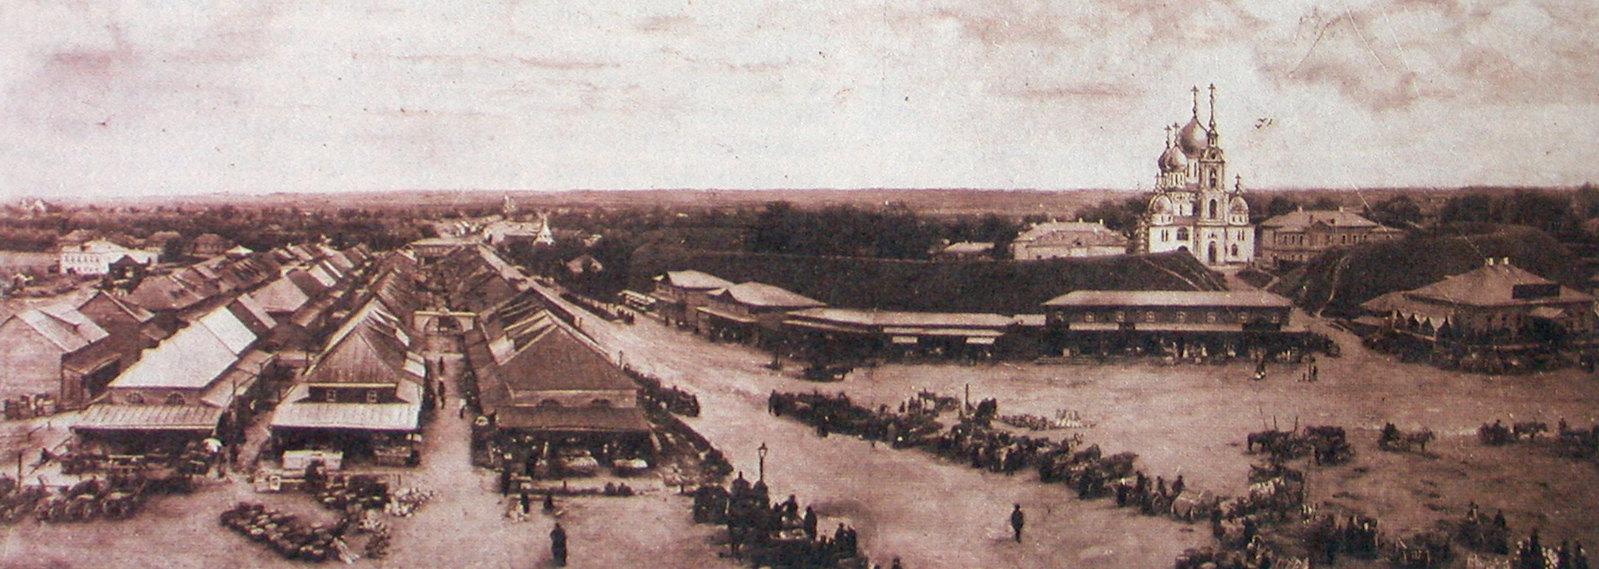 02. Вид на Торговую площадь и кремль